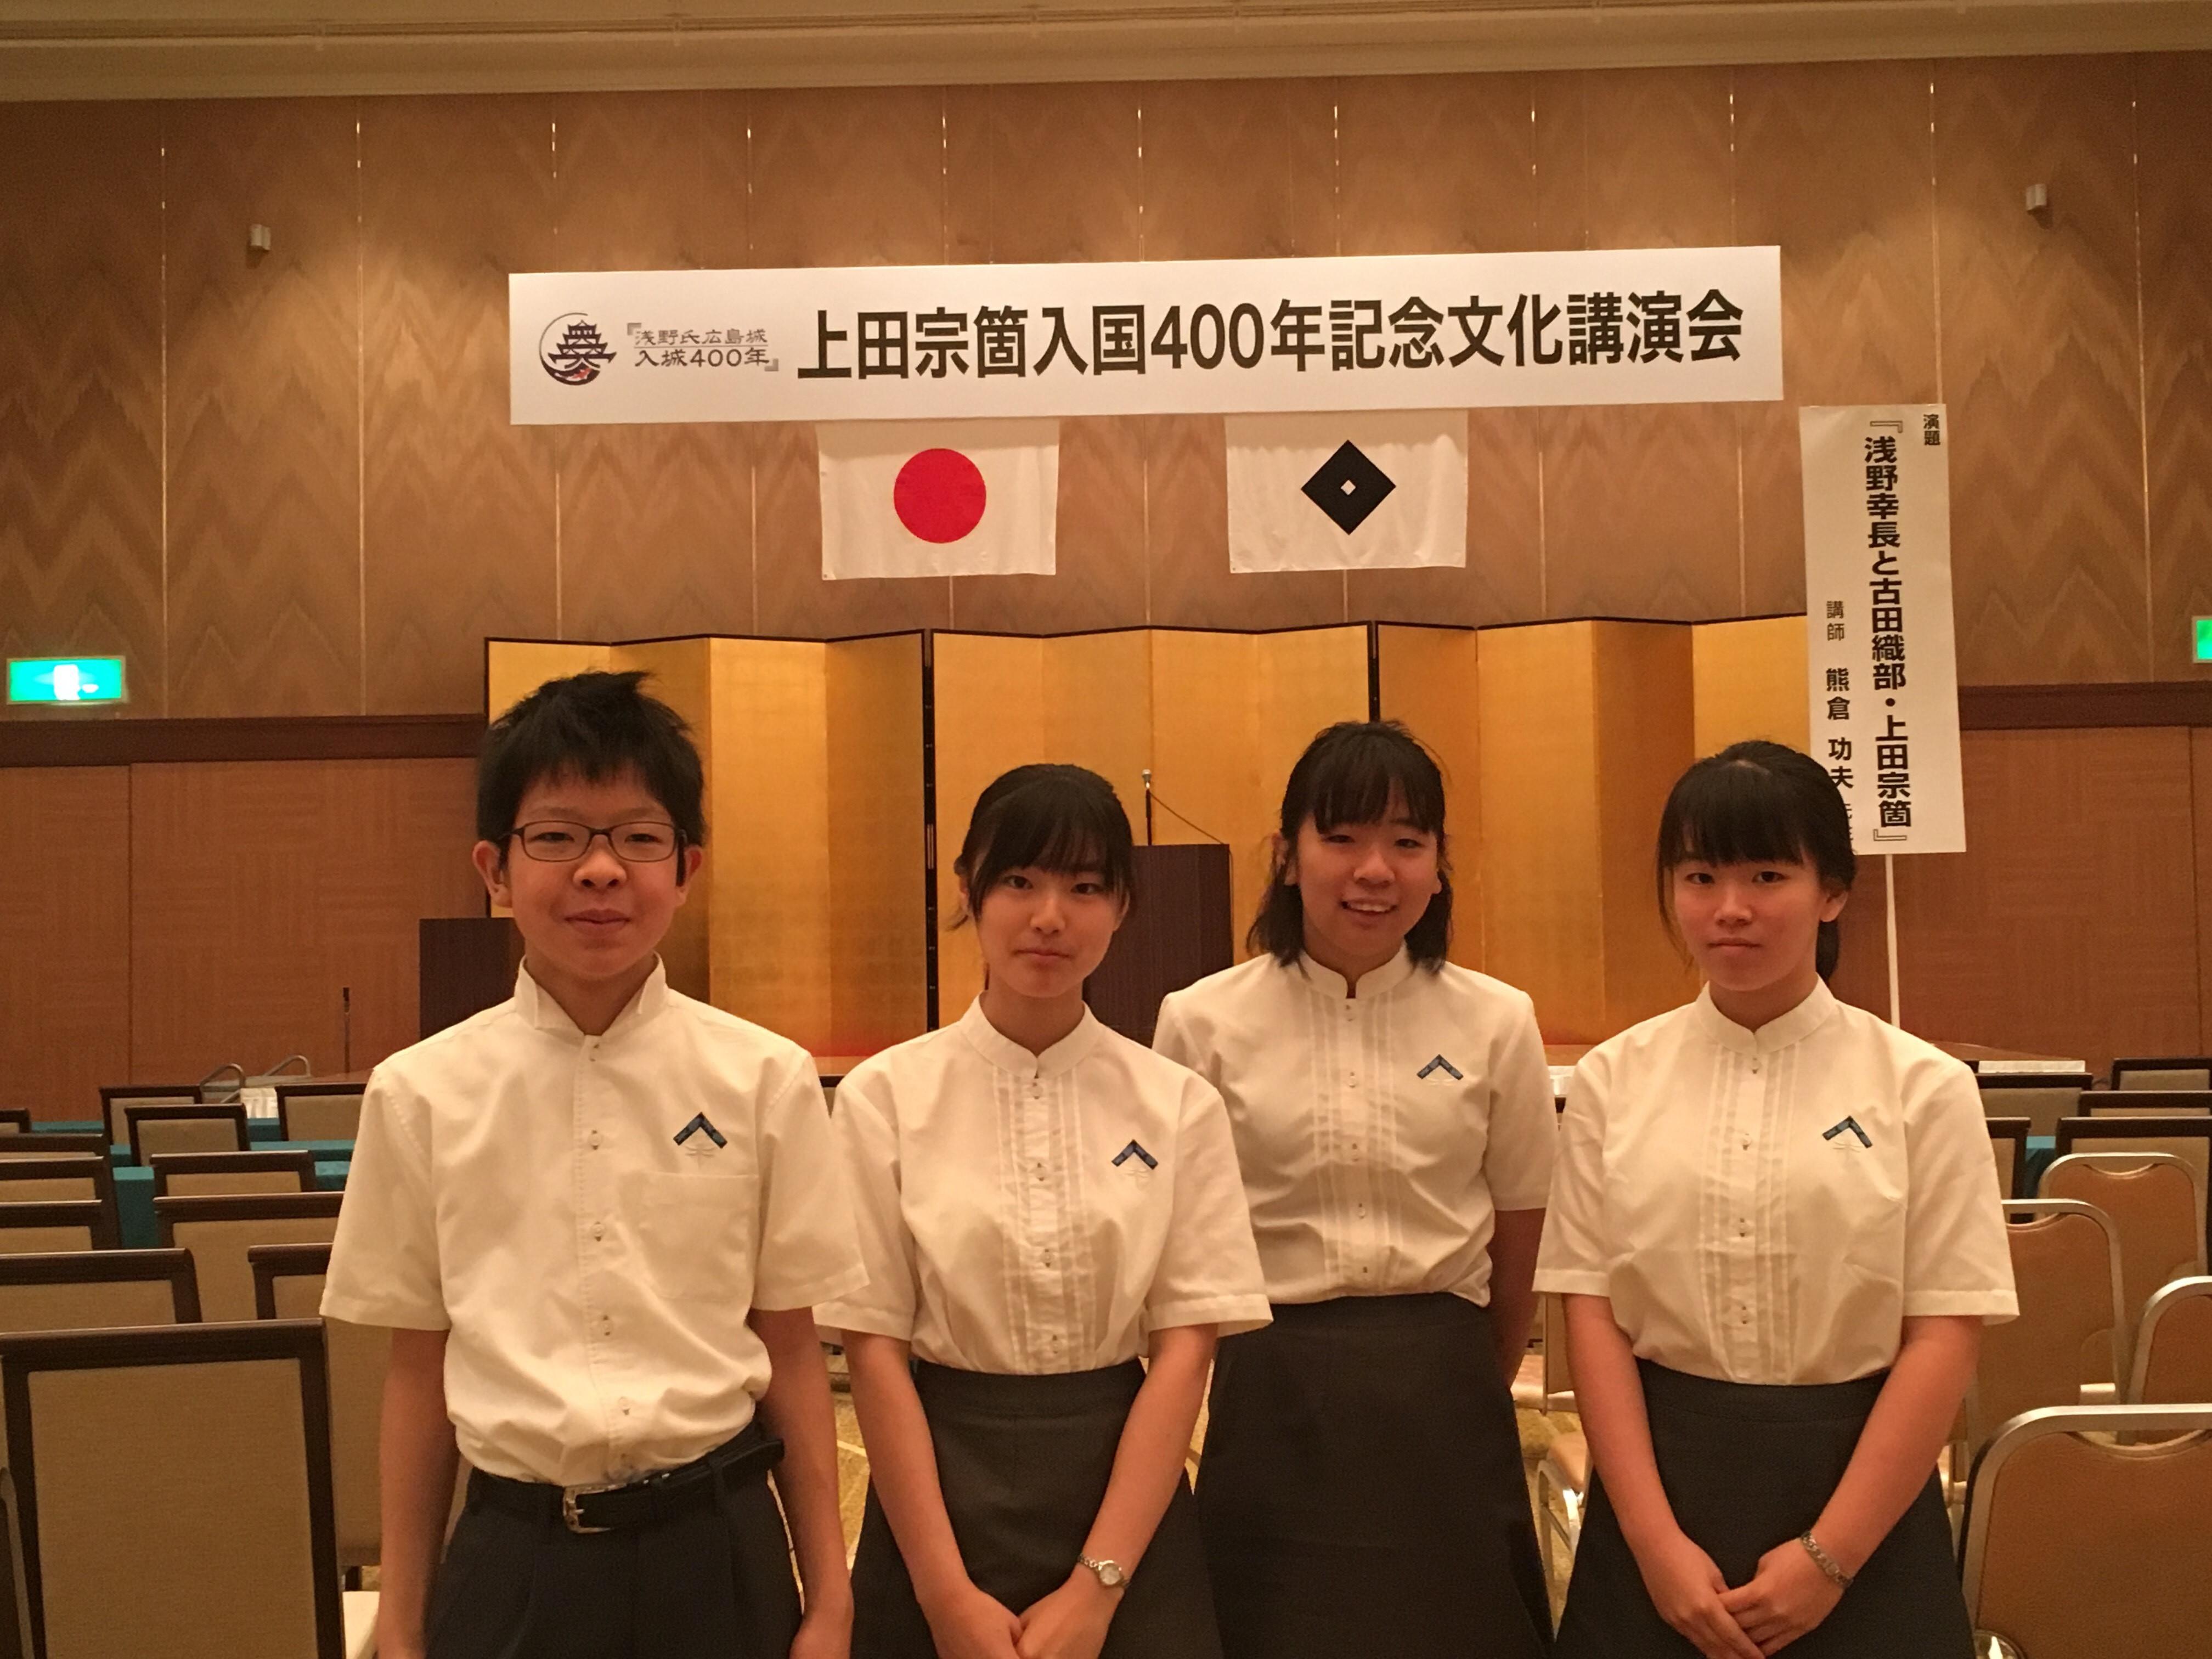 上田宗箇広島入国400年記念文化講演会